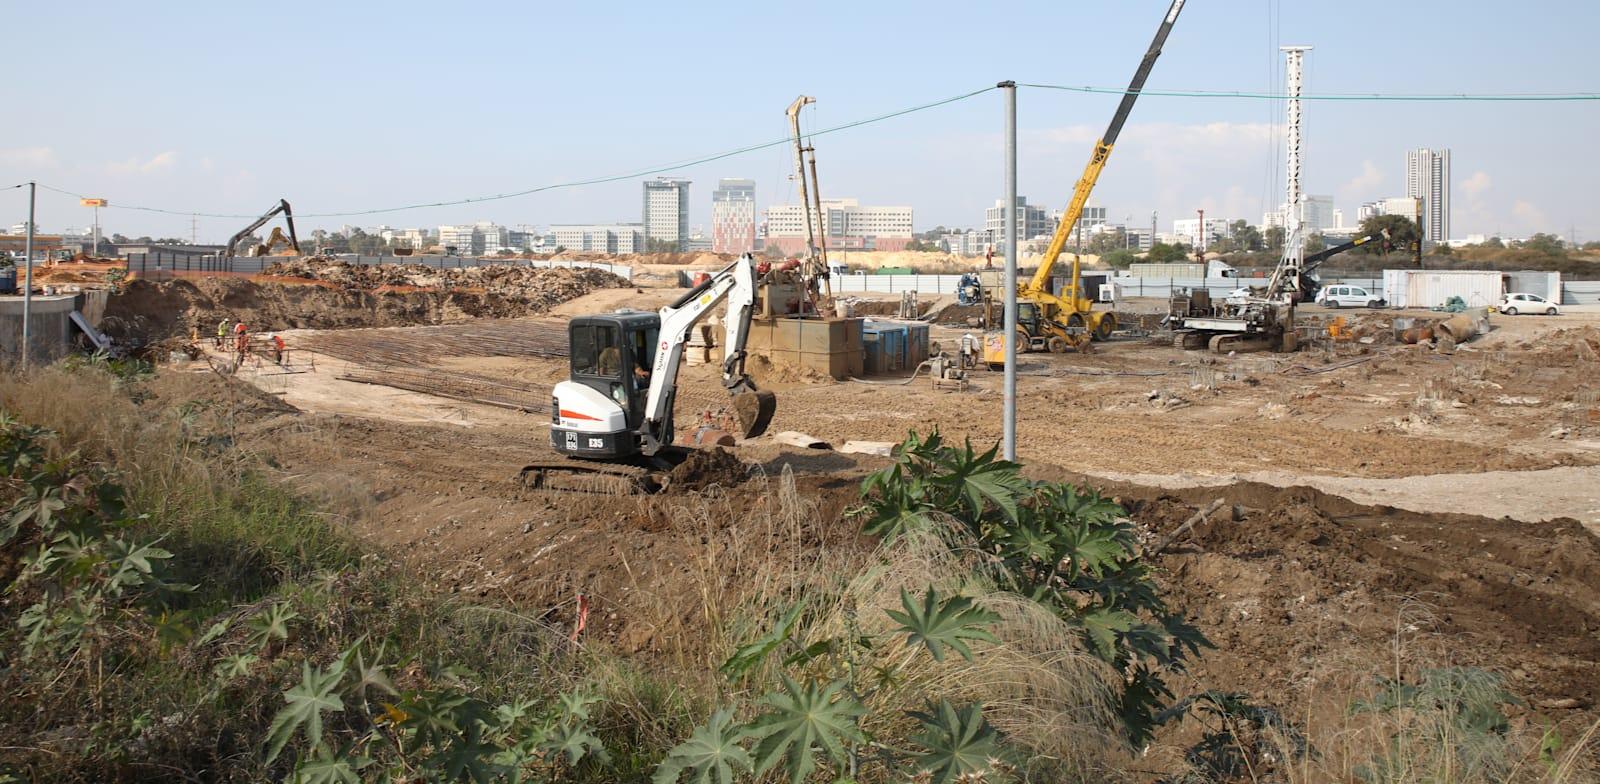 עבודות חפירה בבני ברק / צילום: כדיה לוי